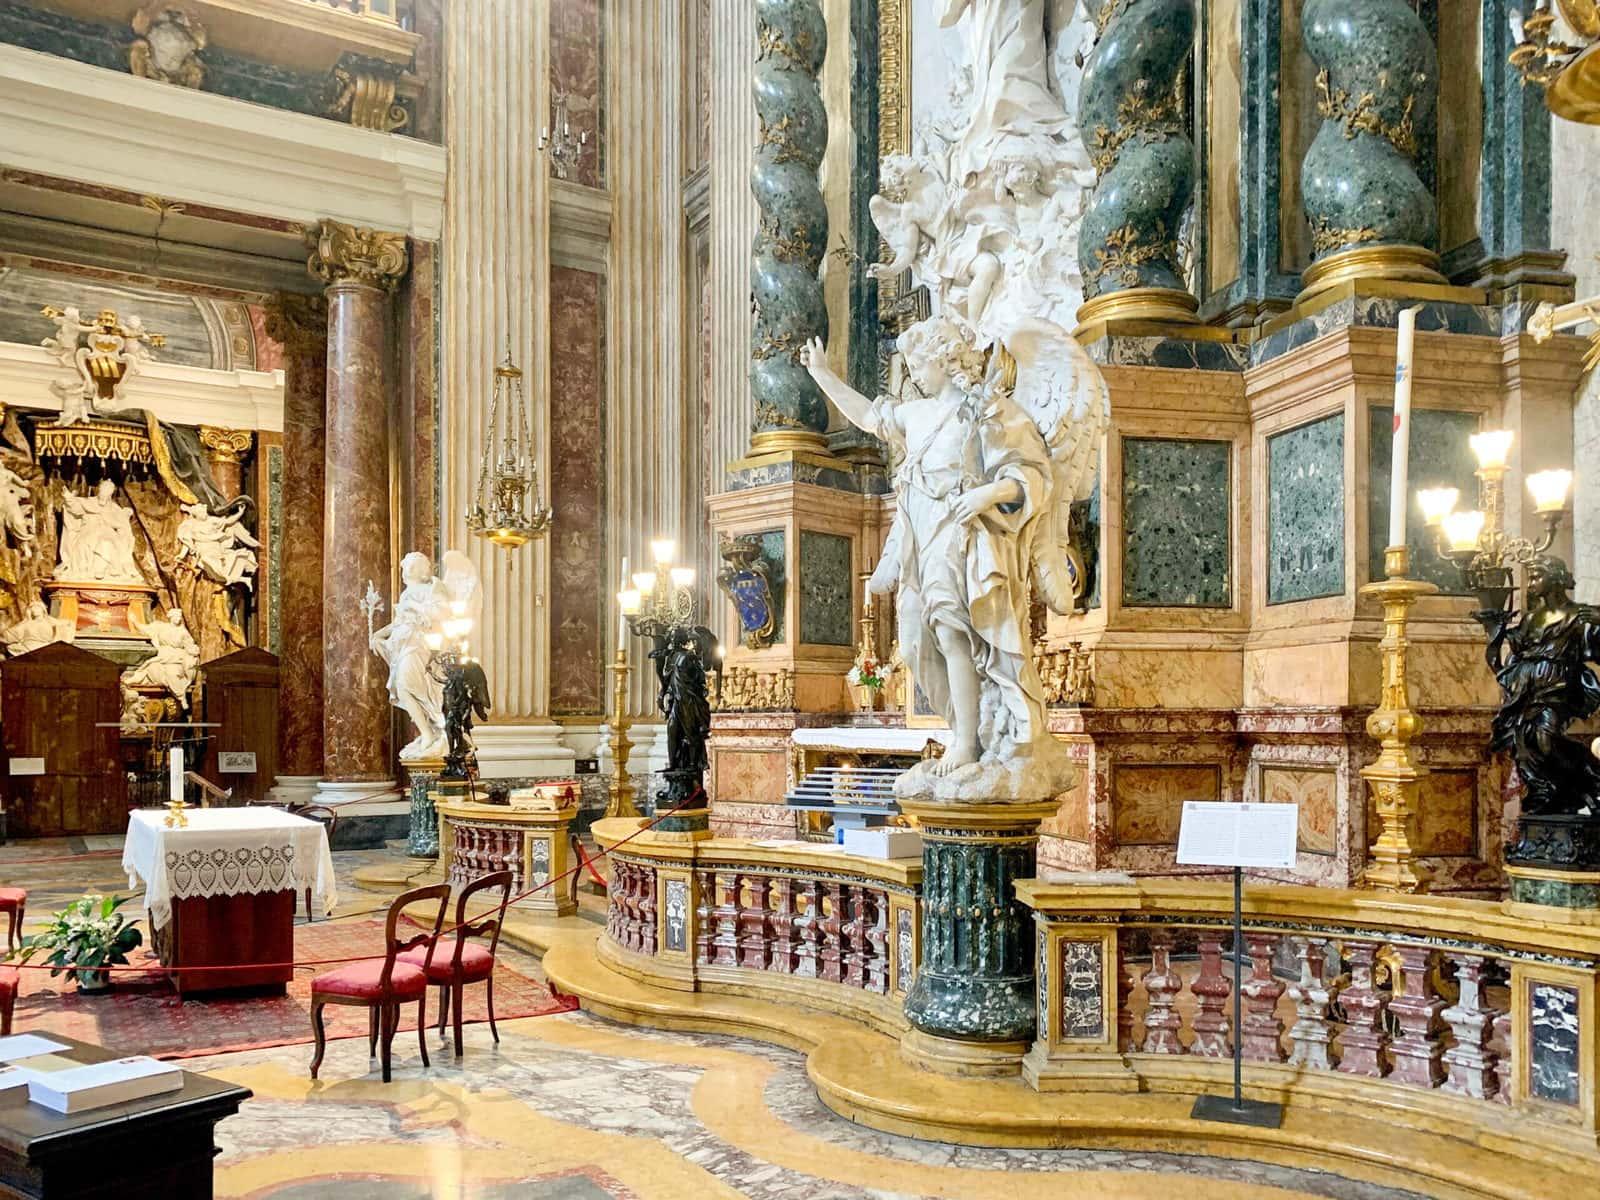 Altar des heiligen Aloisius von Pozzo, Seitenansicht, Sant'Ignazio di Loyola, Rom